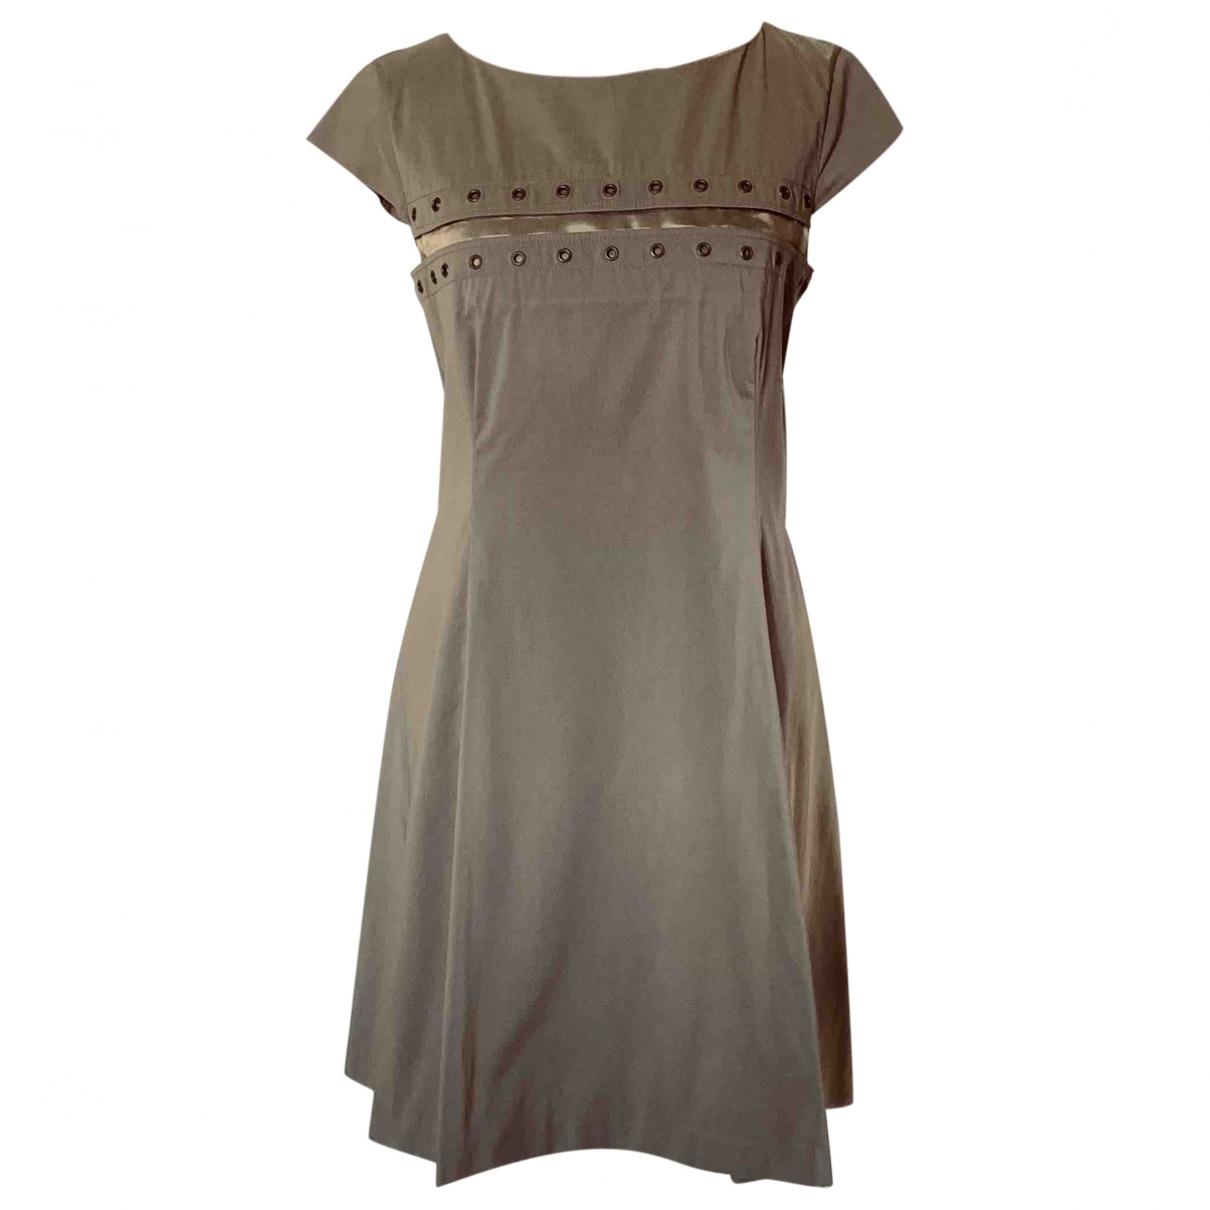 Yves Saint Laurent \N Cotton dress for Women 36 FR